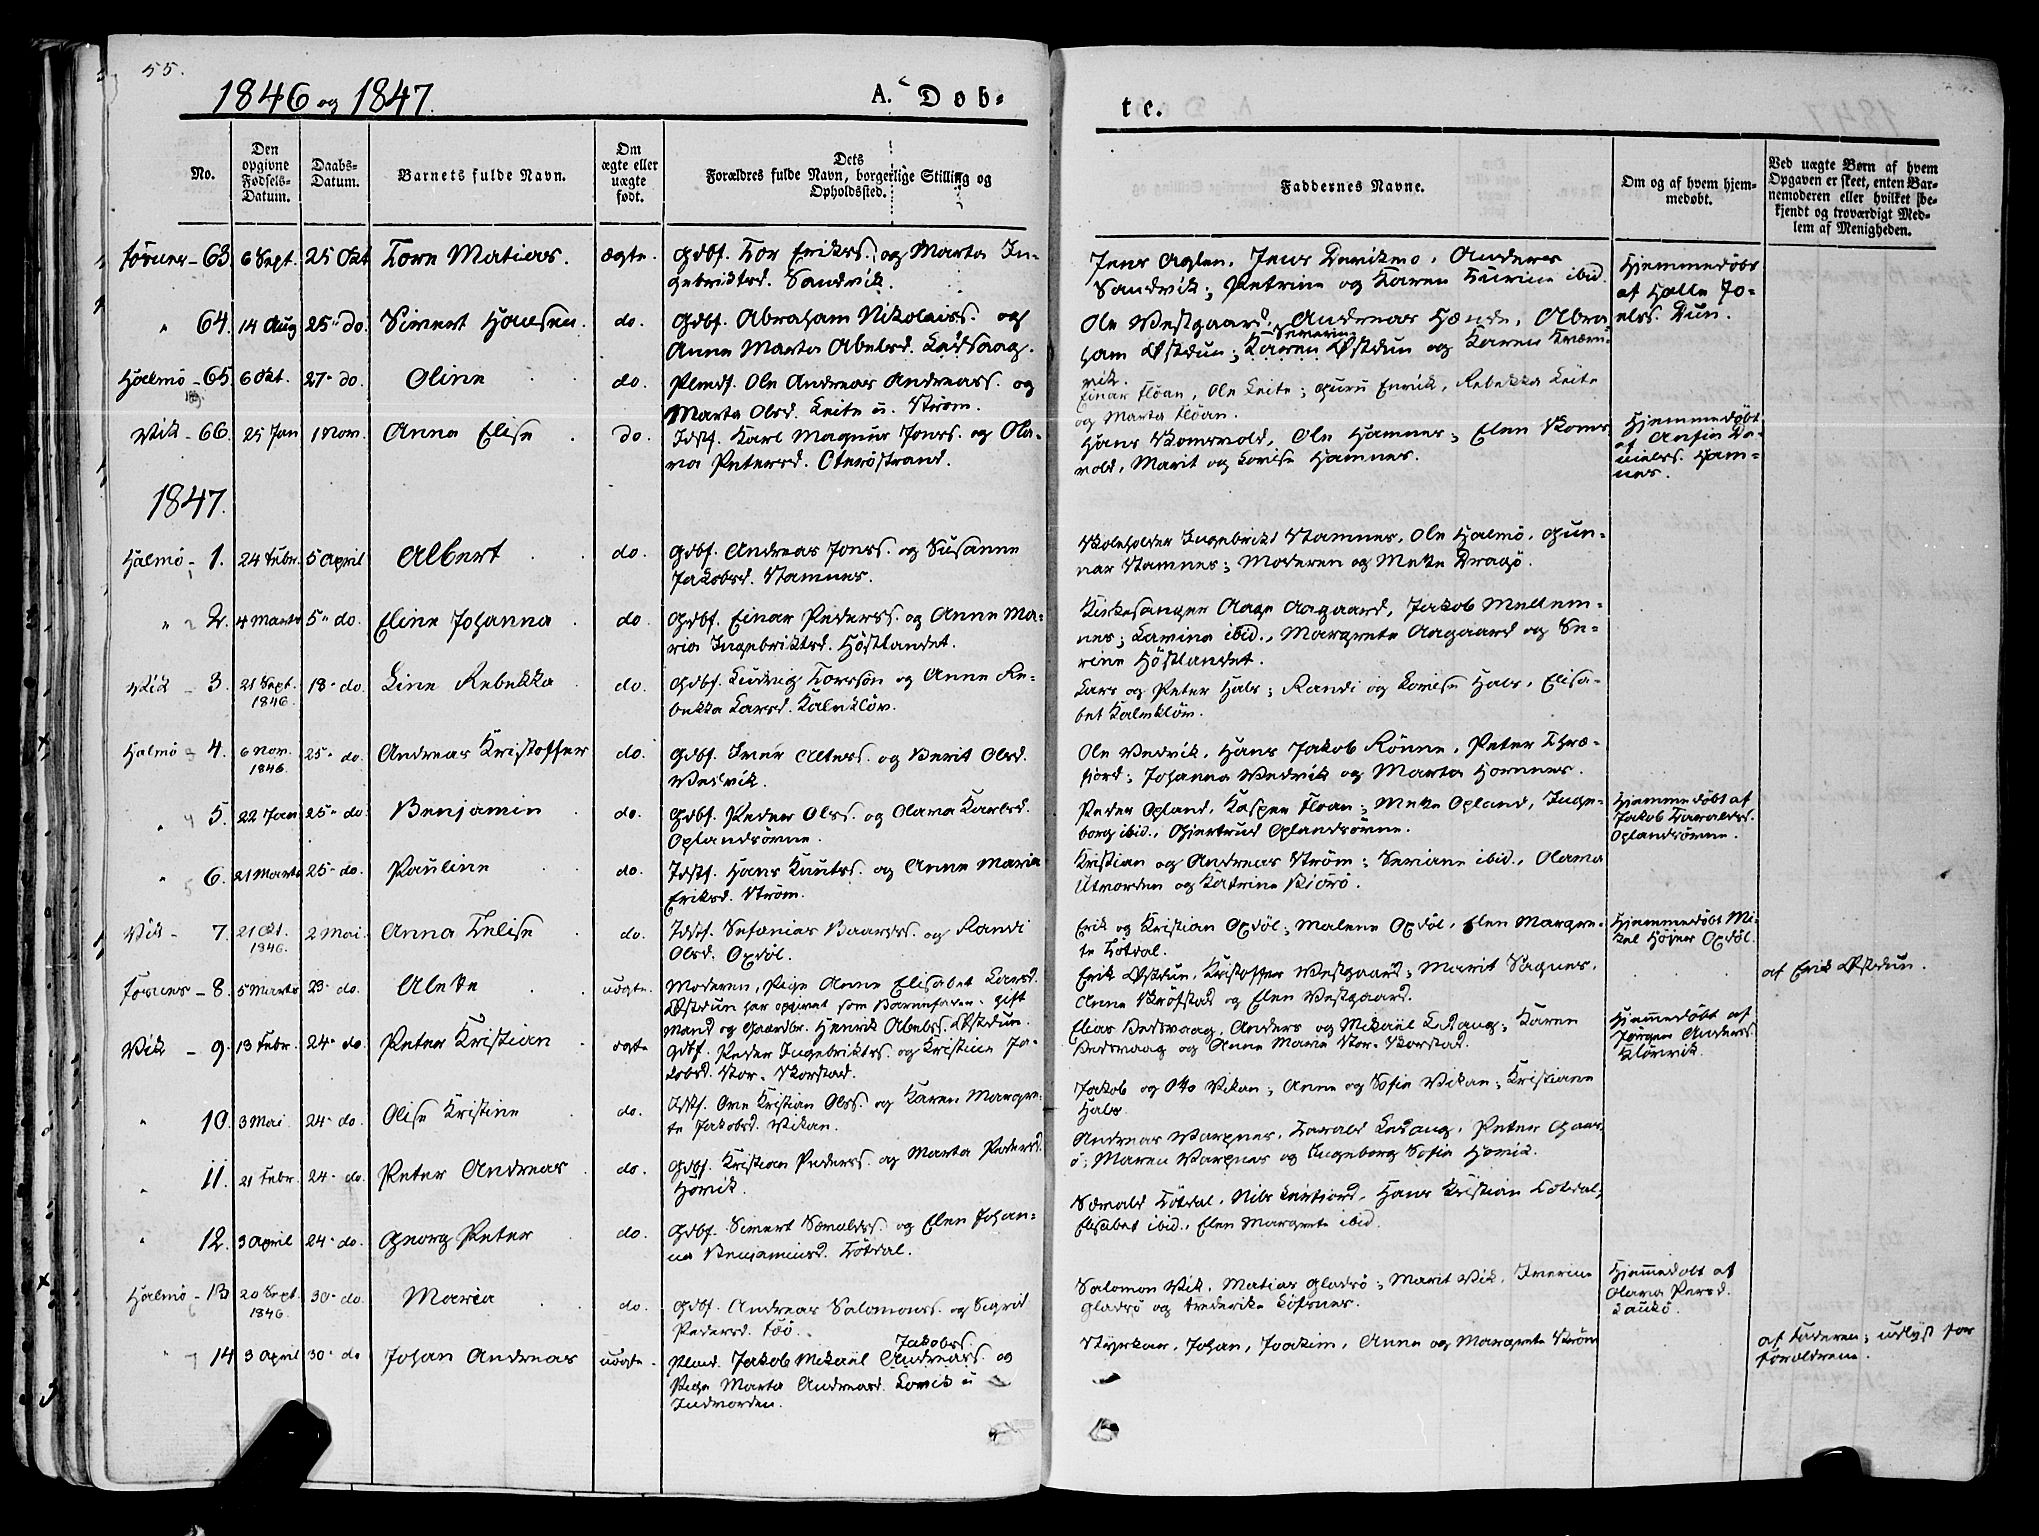 SAT, Ministerialprotokoller, klokkerbøker og fødselsregistre - Nord-Trøndelag, 773/L0614: Ministerialbok nr. 773A05, 1831-1856, s. 55